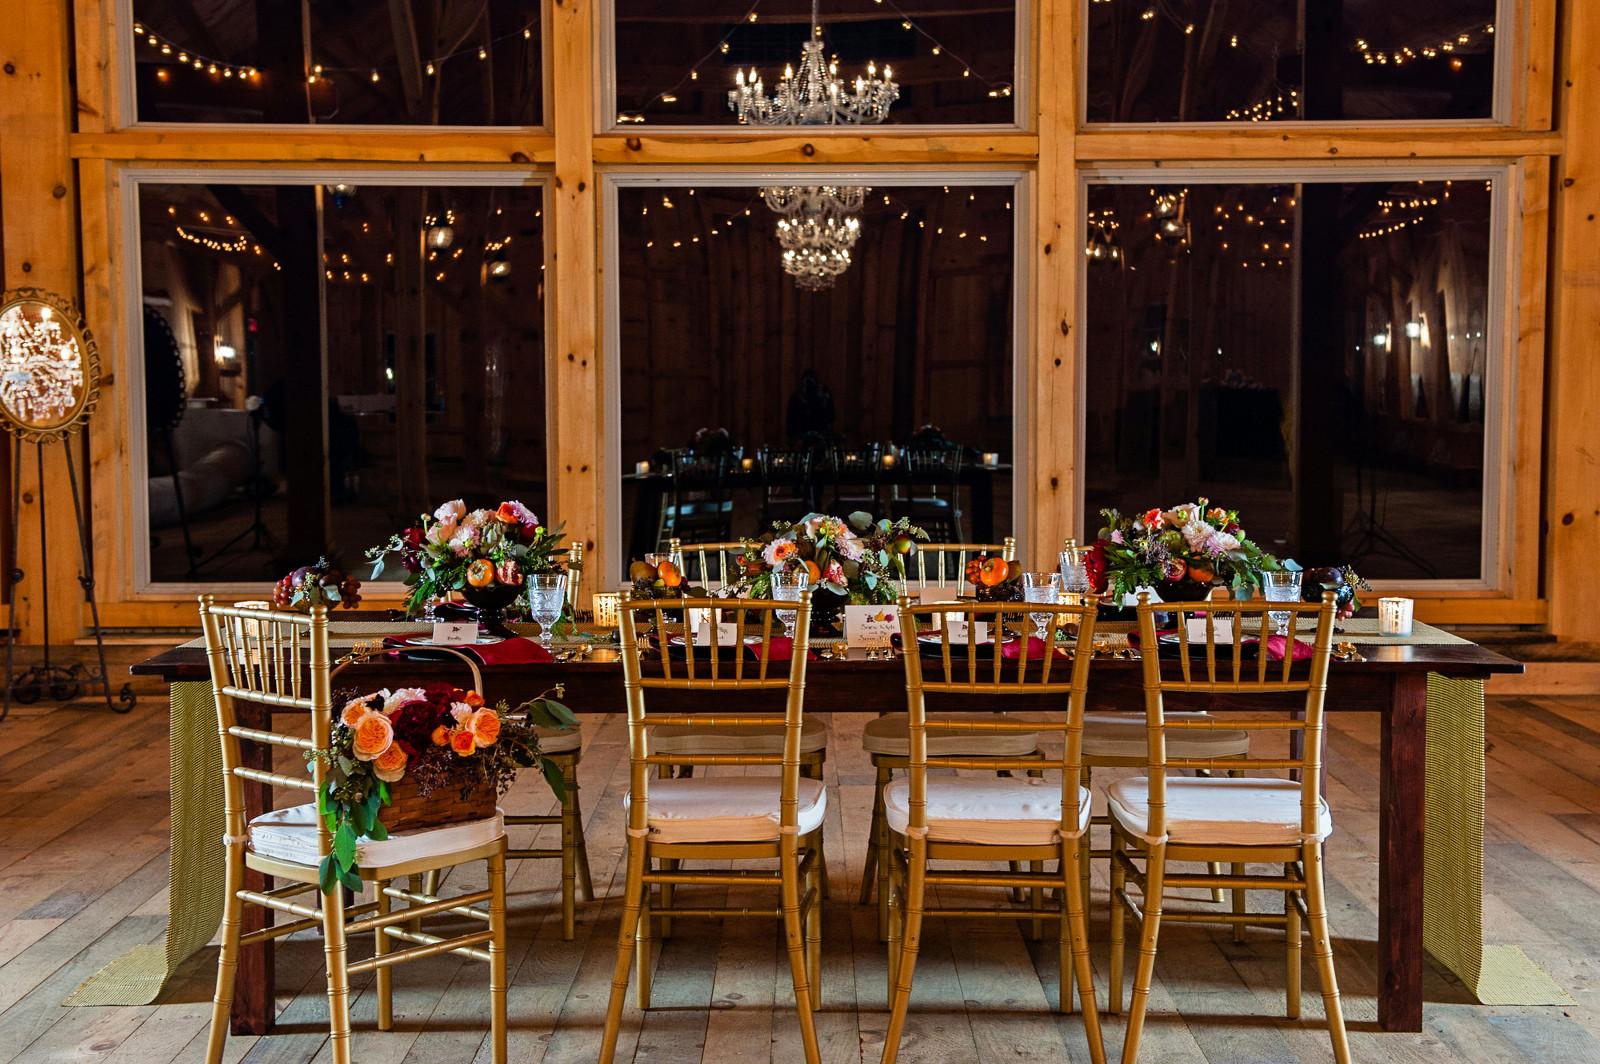 Marsala pantone color maine rustic wedding venue rustic barn wedding venue junglespirit Images